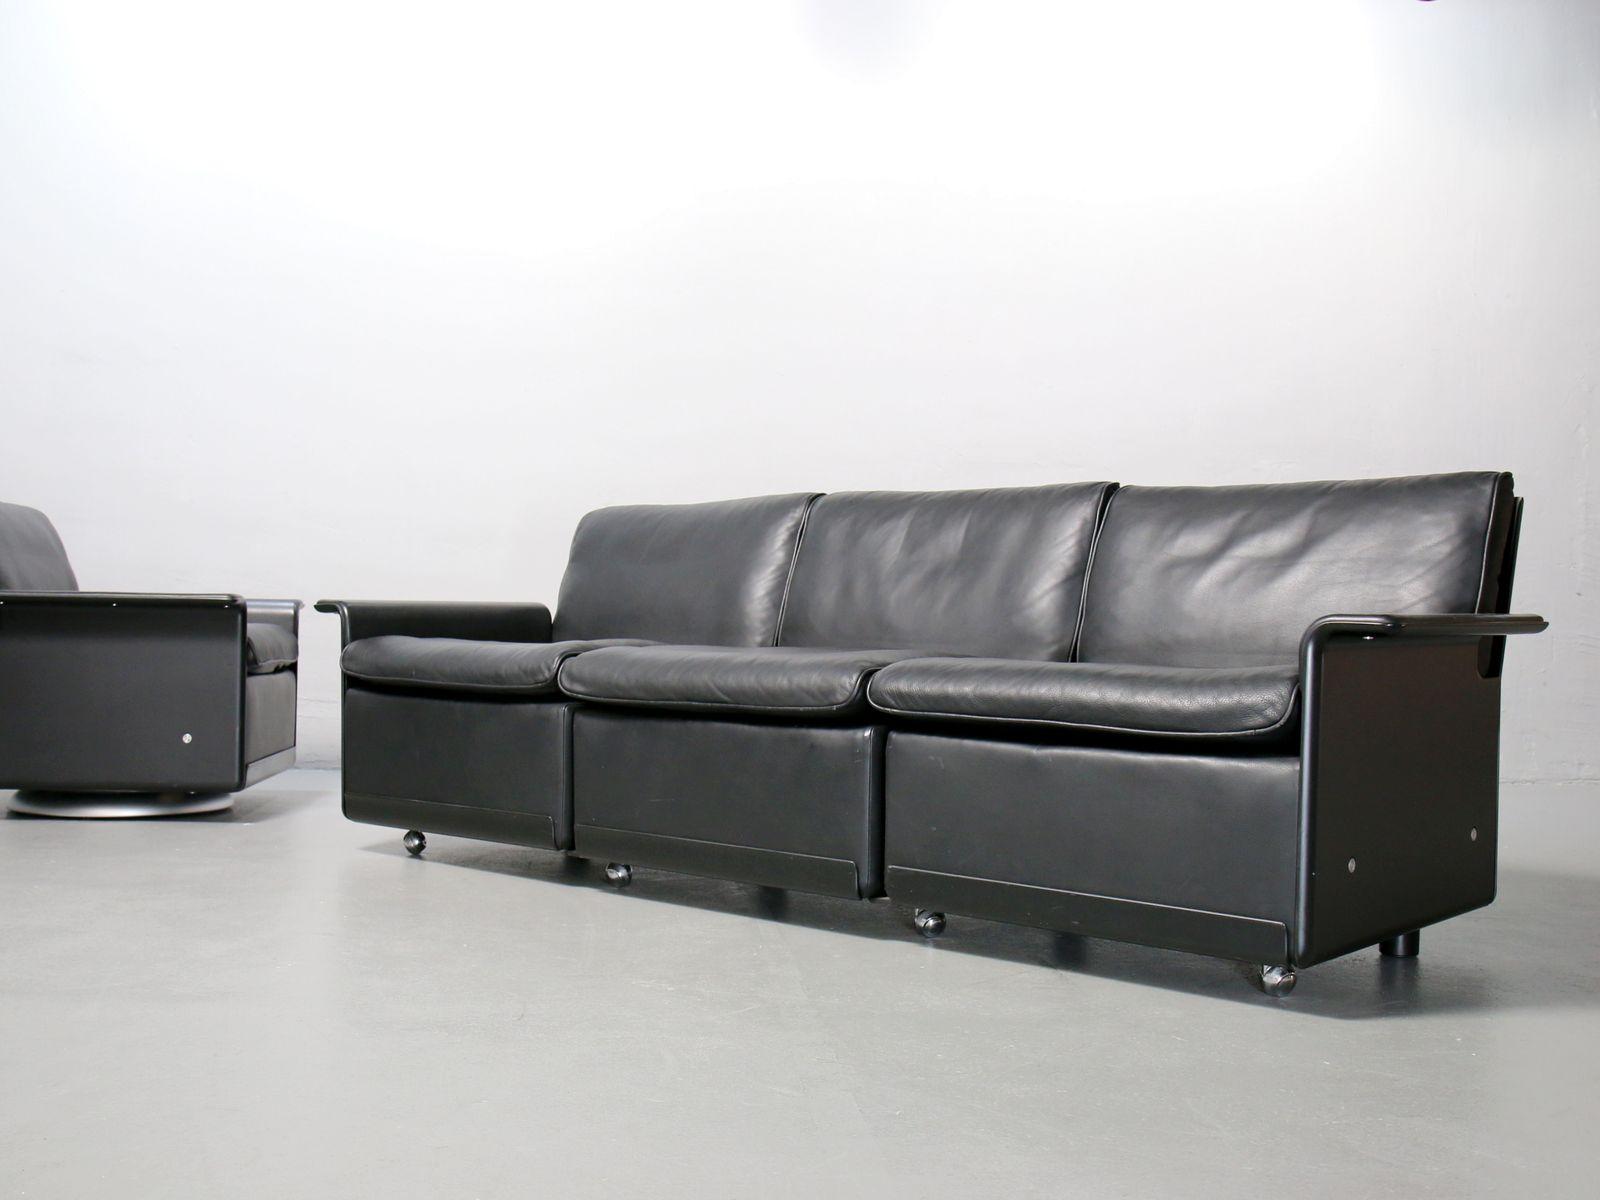 Schwarzes Vintage Leder 620 3-Sitzer Sofa von Dieter Rams für Vitsœ